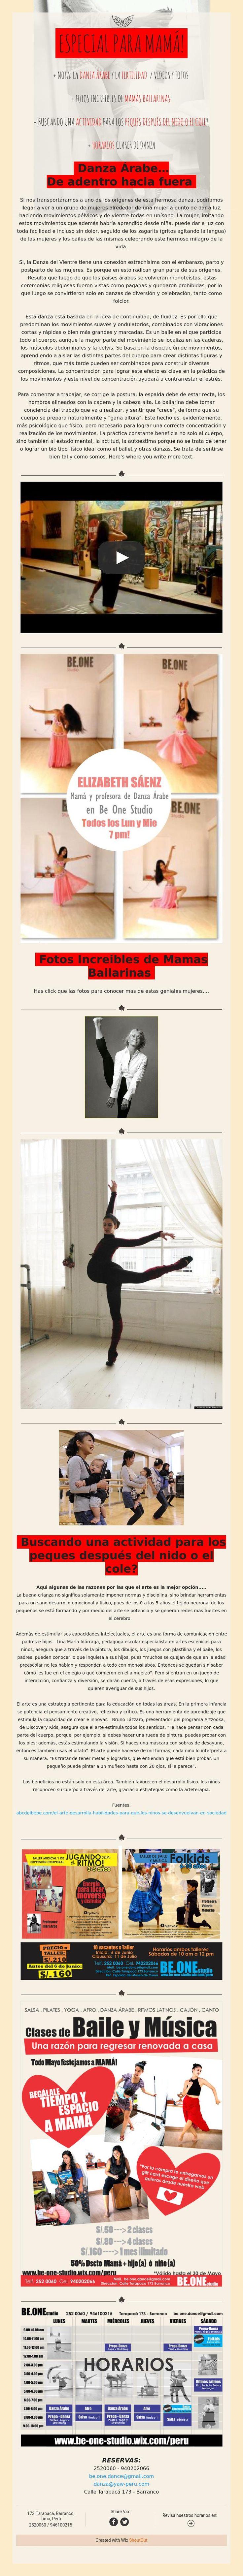 ESPECIAL PARAMamá!   nota: La Danza árabe y la fertilidad /Videos yfotos   fotos increibles de mamás bailarinas   buscando unaactividadpara los peques después del nido o el cole?   Horarios clases de danza